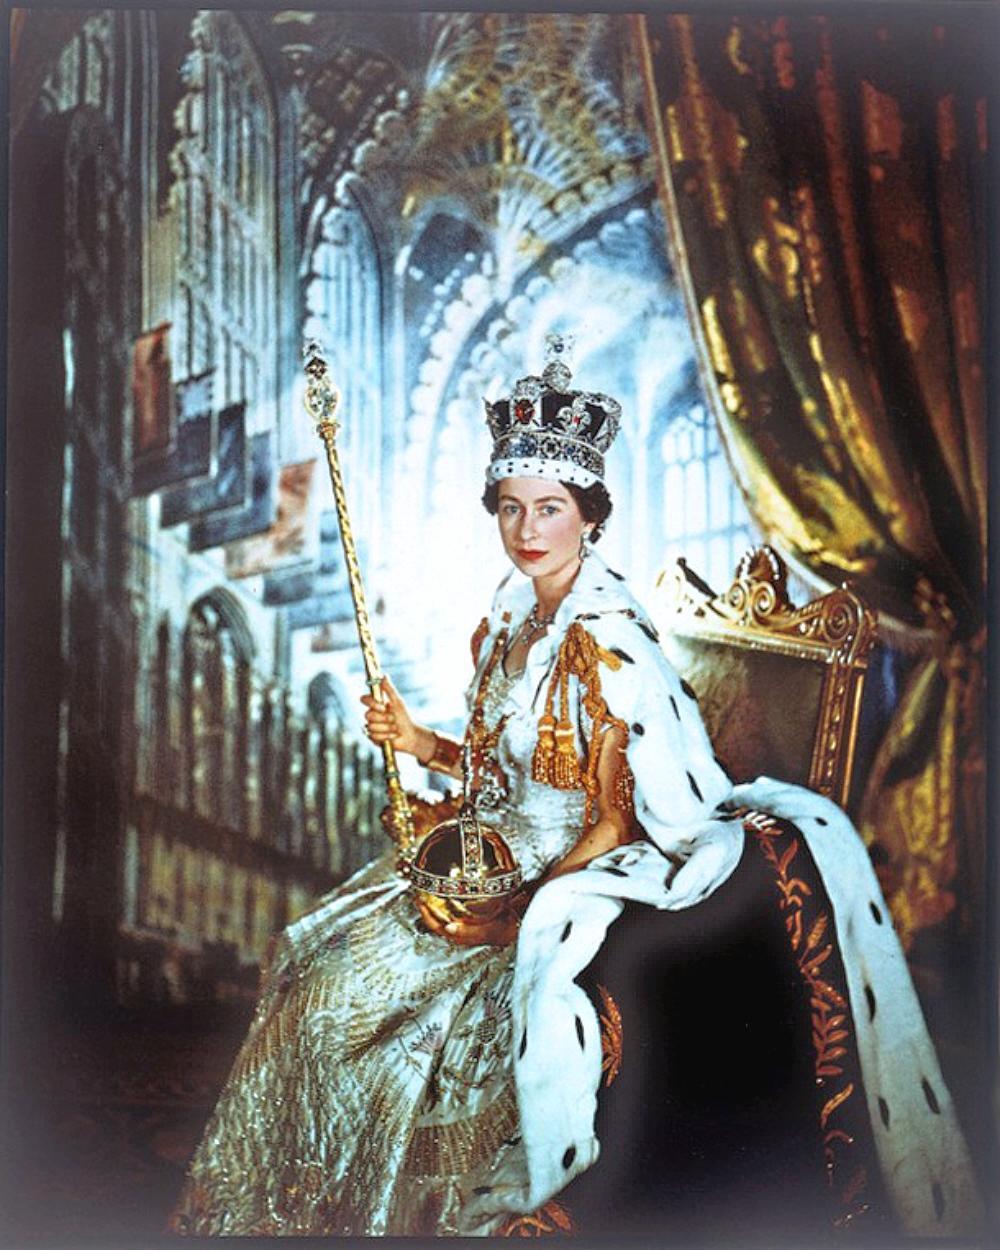 queen-elizabeth-ii-of-great-britain-and-northern-ireland